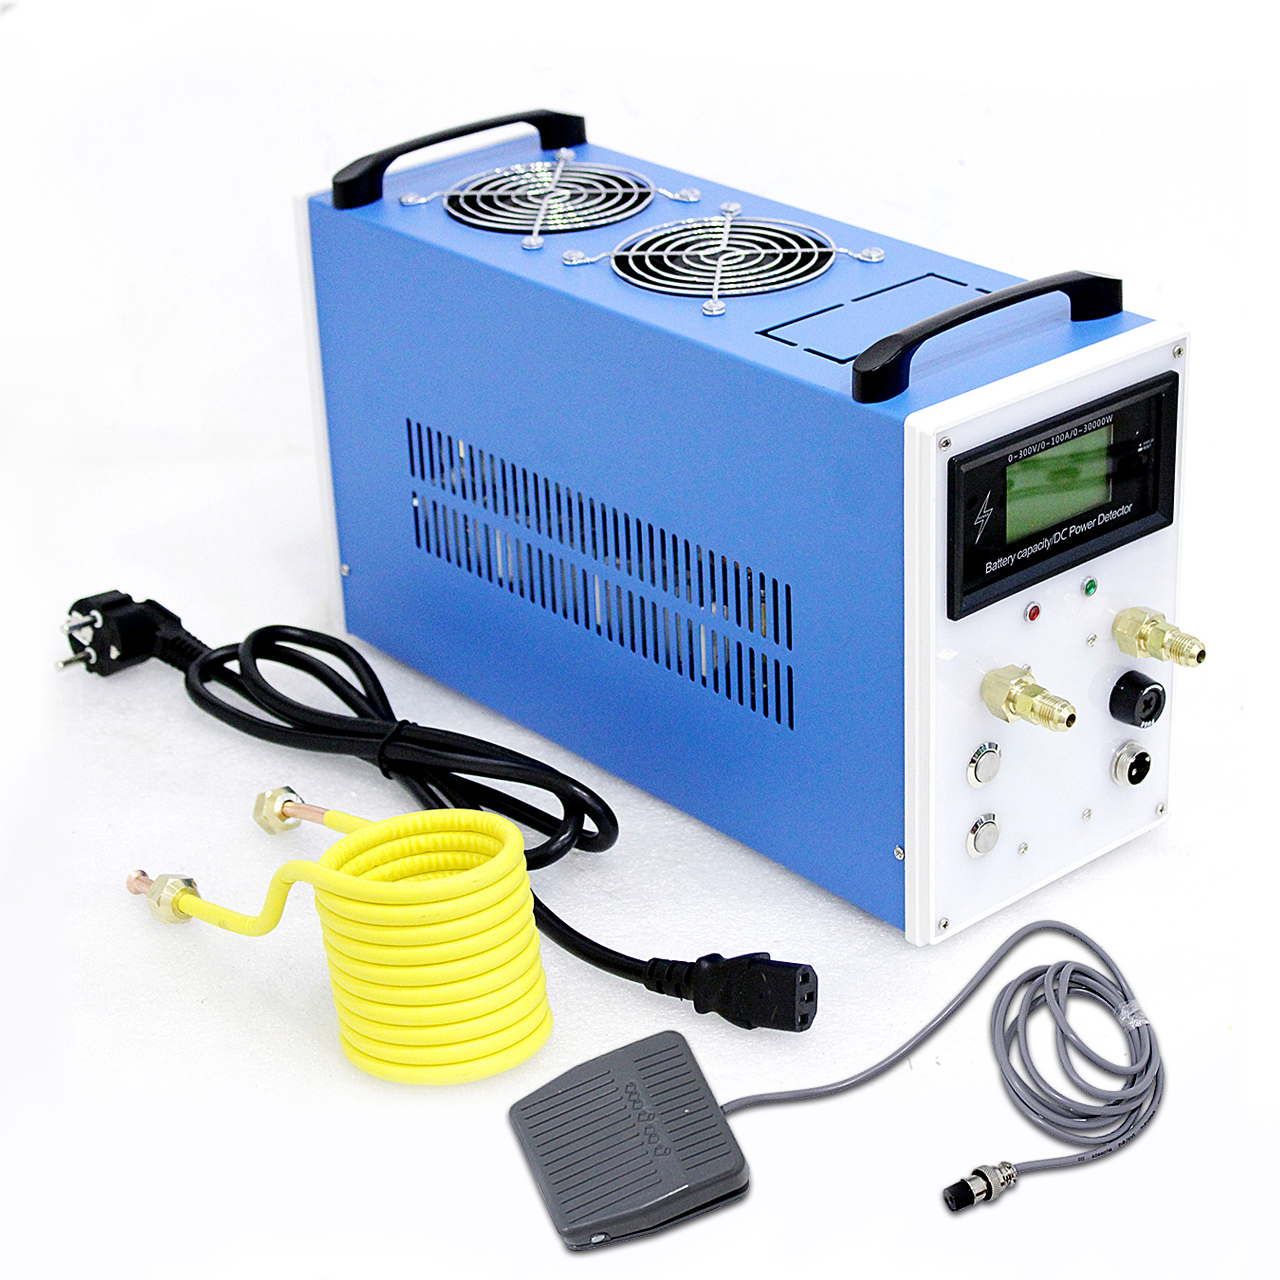 Aquecedor de Indução Máquina de Aquecimento por Indução Forno de Fundição de Metal Equipamentos + Cadinho Novo Têmpera Bobina Aquecimento 2800 w Zvs